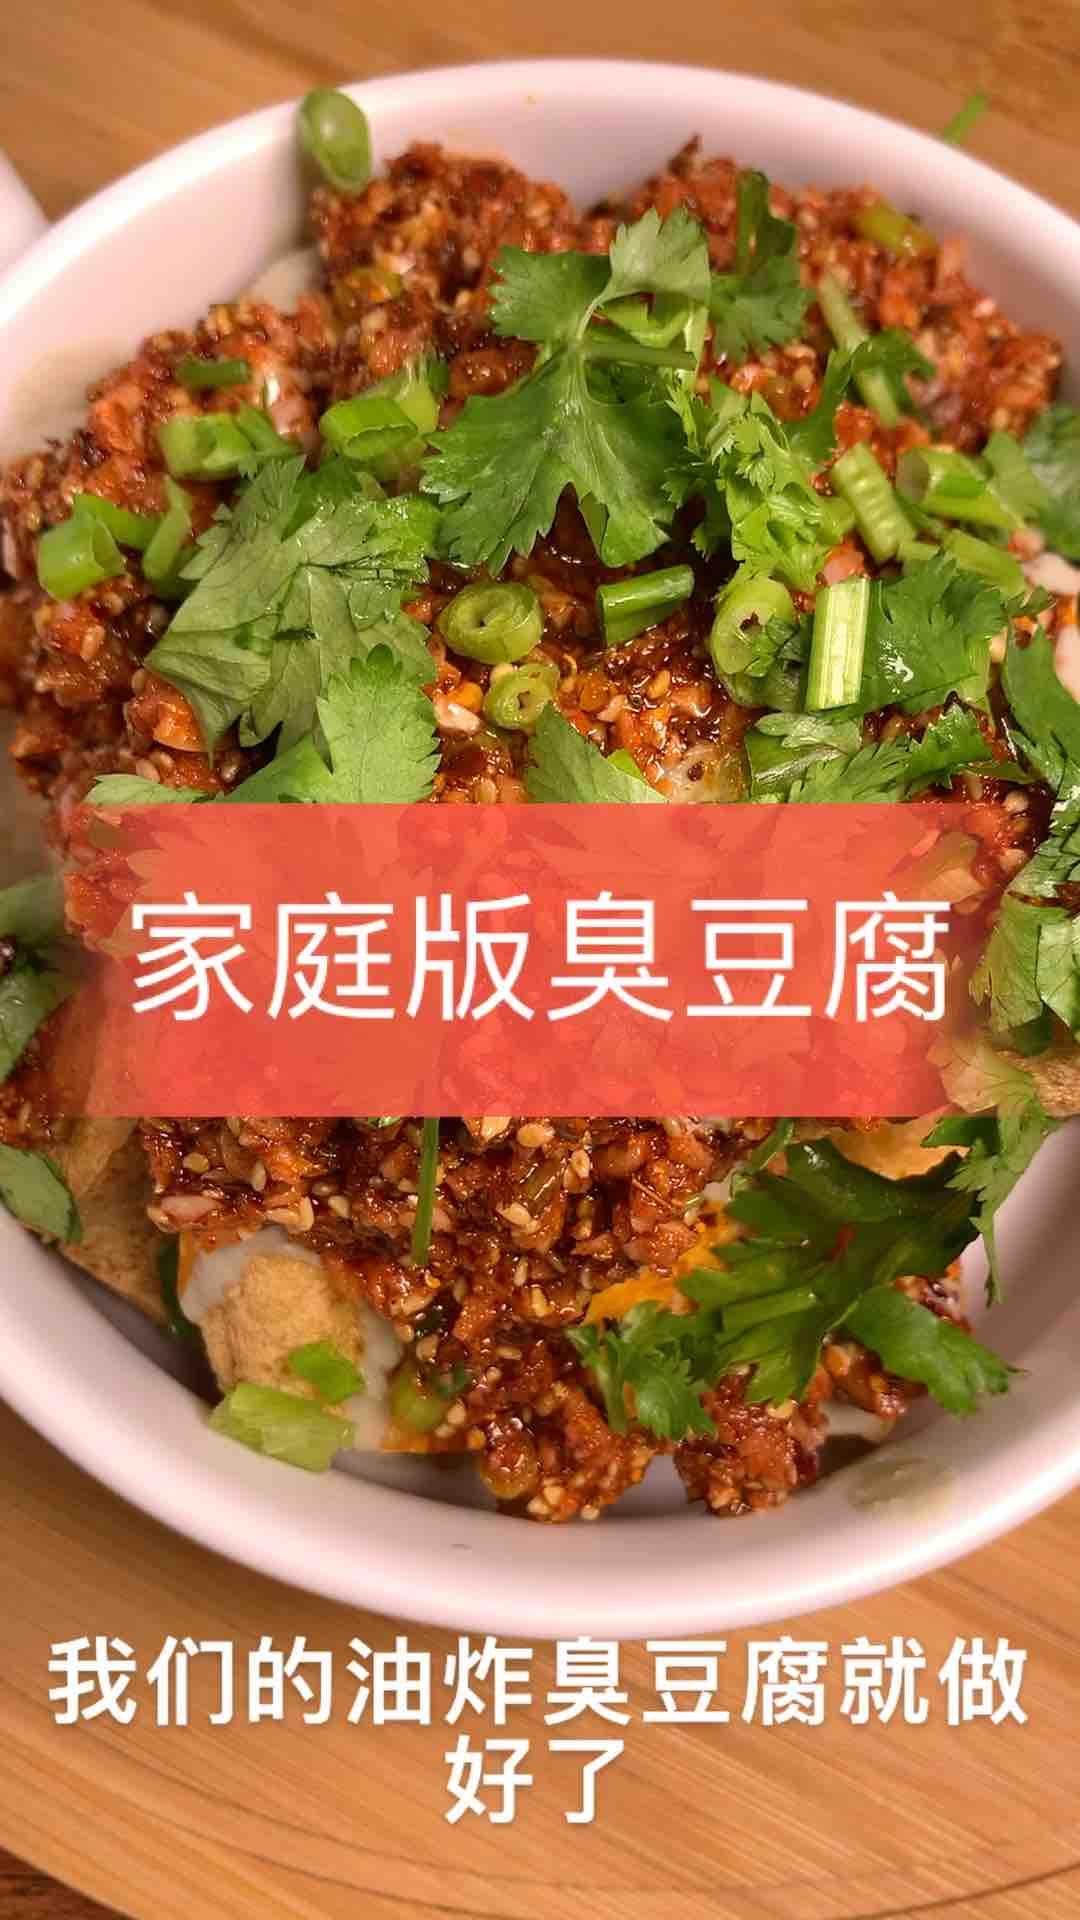 家庭版臭豆腐